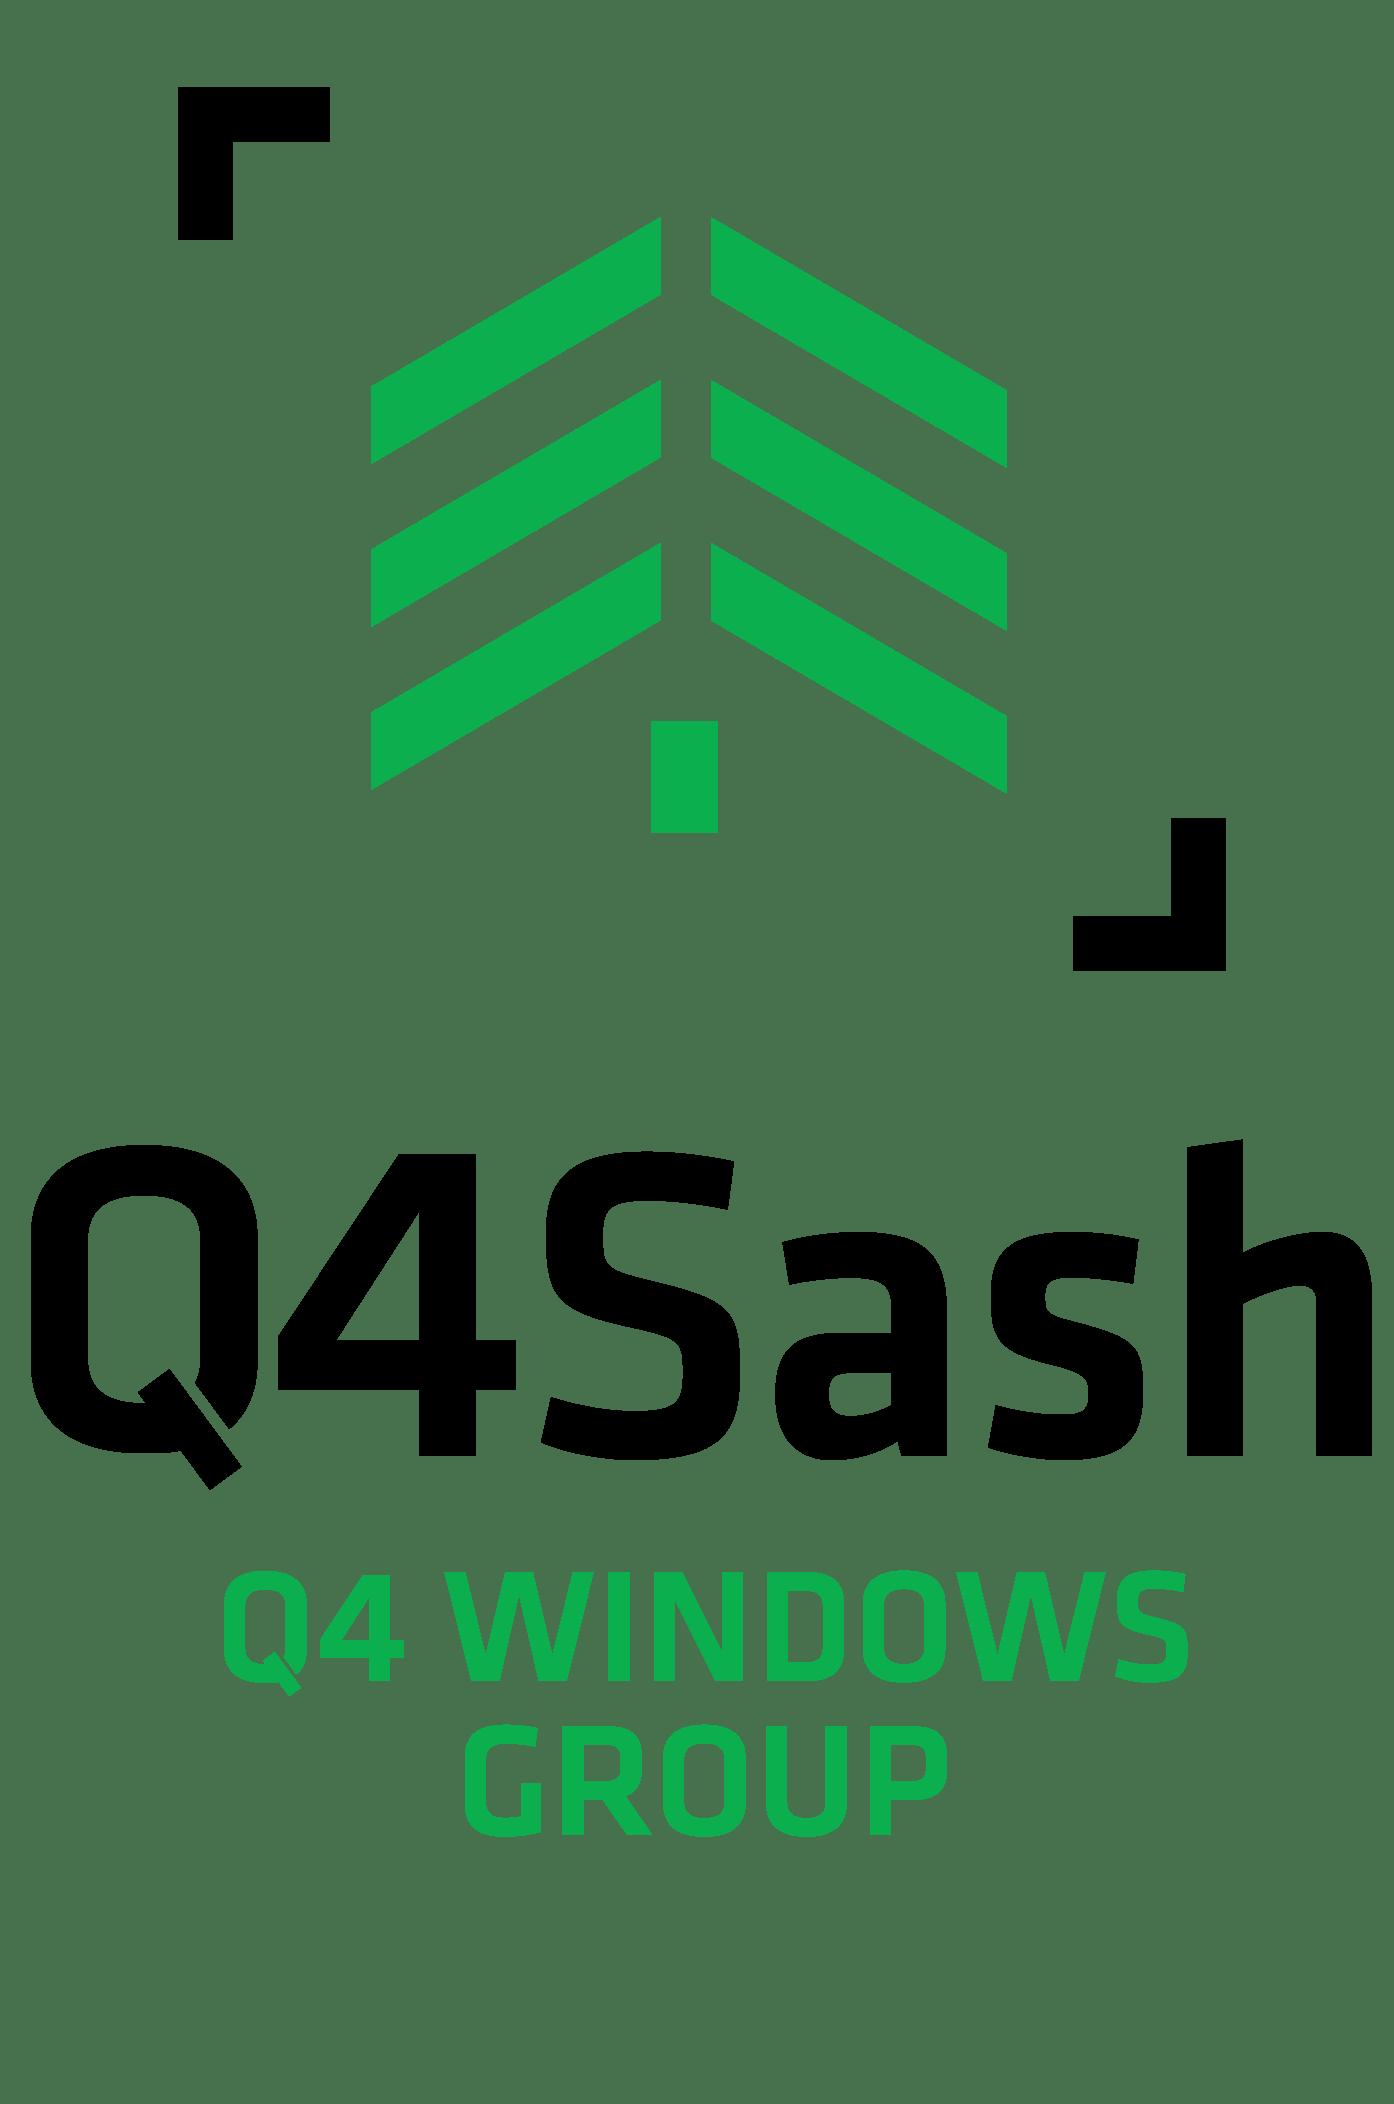 q4sash